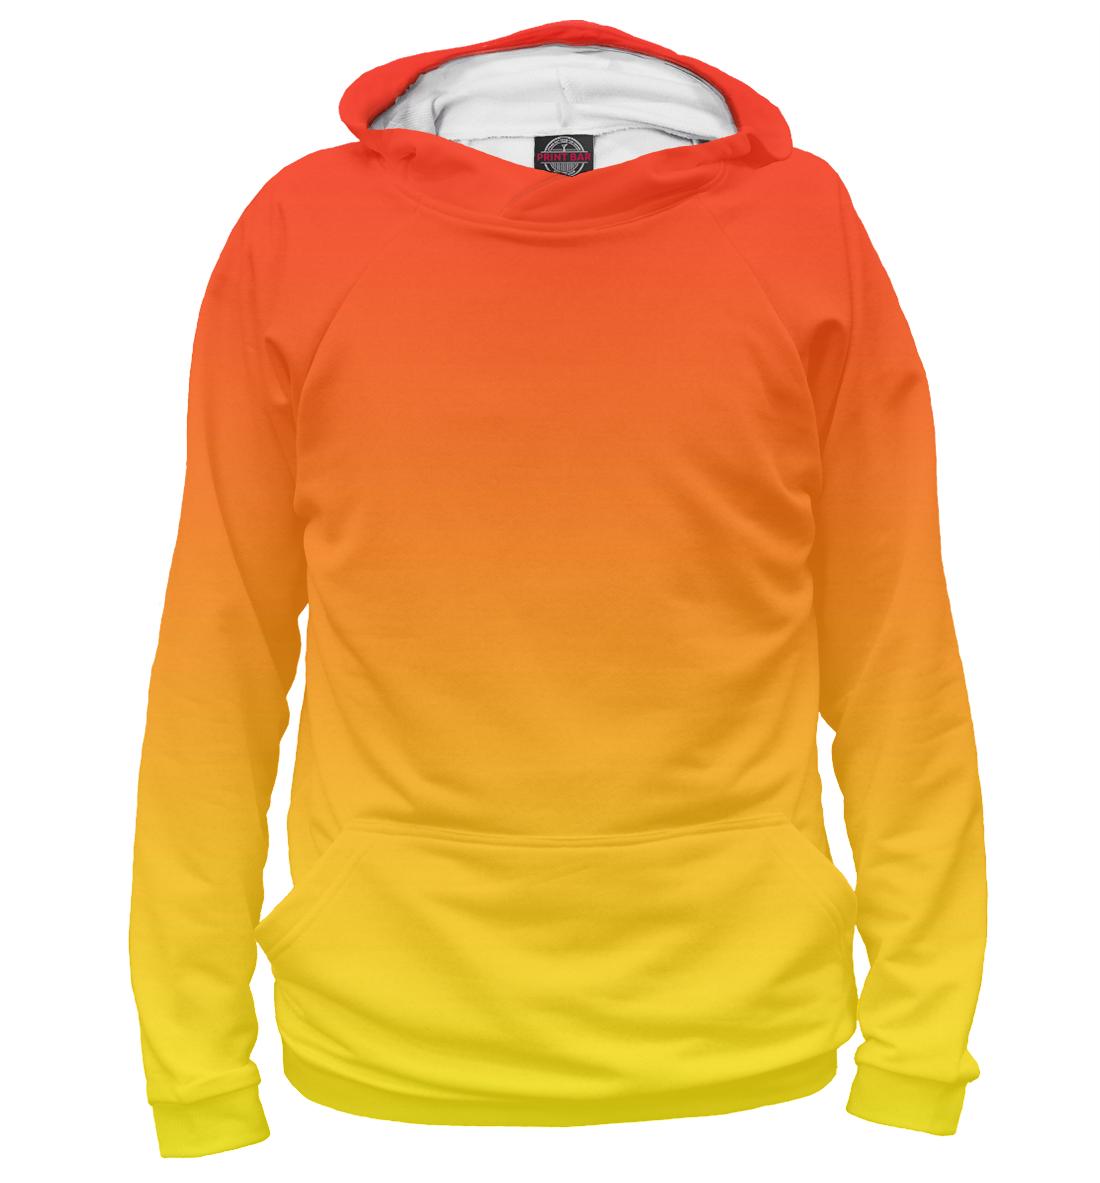 Купить Градиент: Красный в Желтый, Printbar, Худи, CLR-550766-hud-1